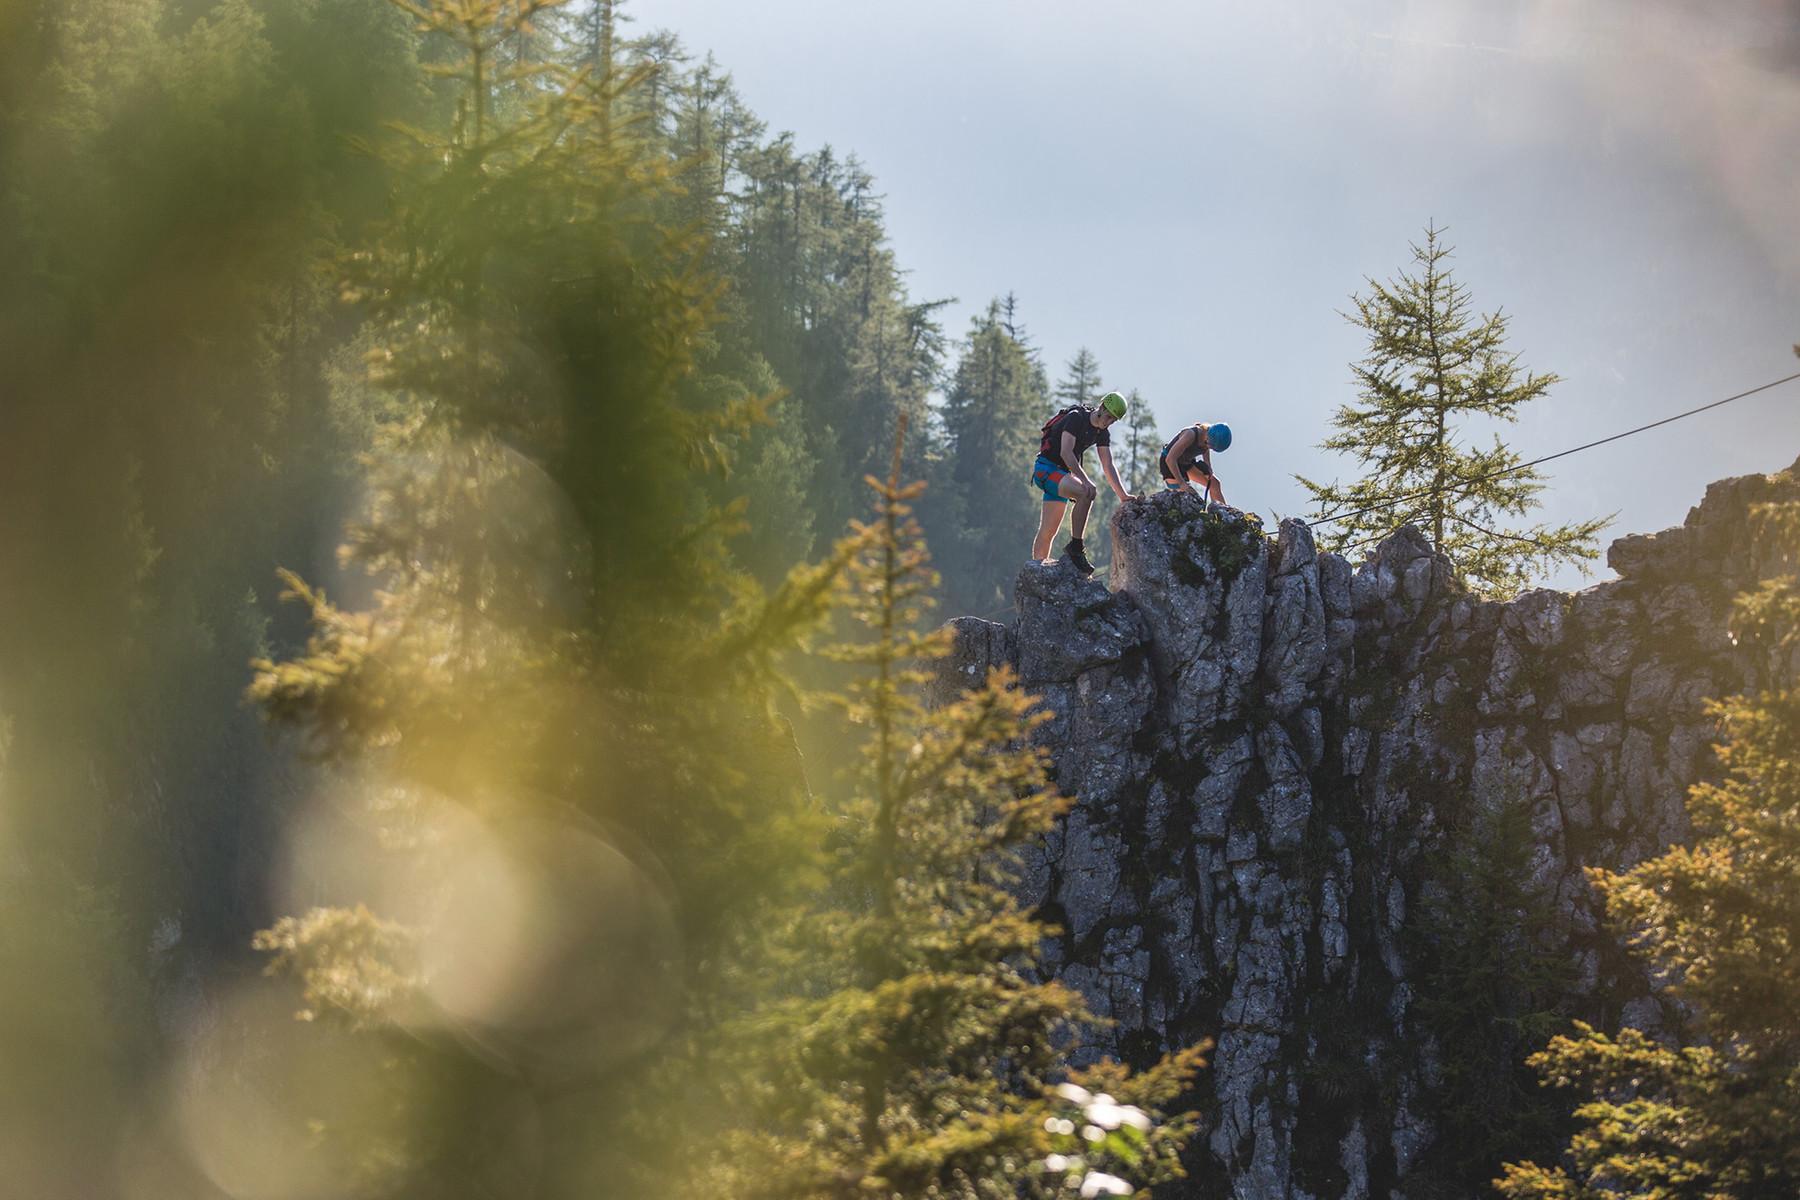 Klettersteig Set Leihen Berchtesgaden : Klettersteig kompetenzzentrum kletterberatung berchtesgaden